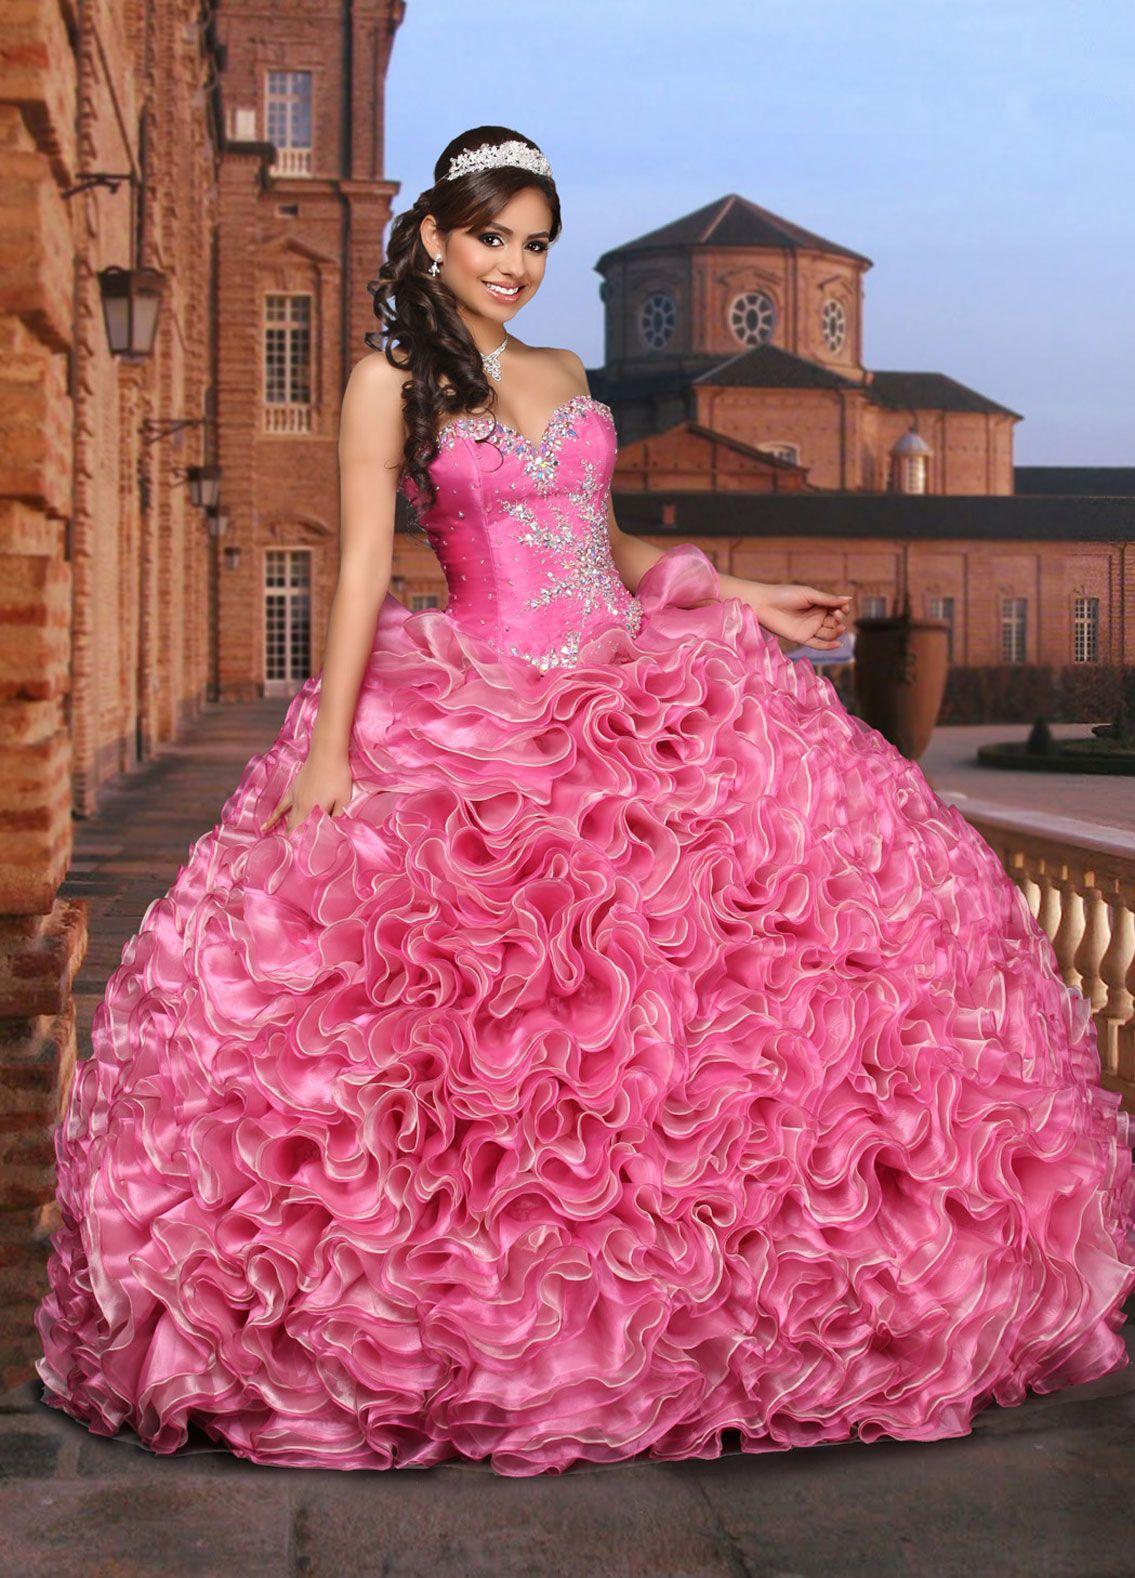 lucrecia-fashion-quinceanera-dresses-davinci | zl novias y quince ...